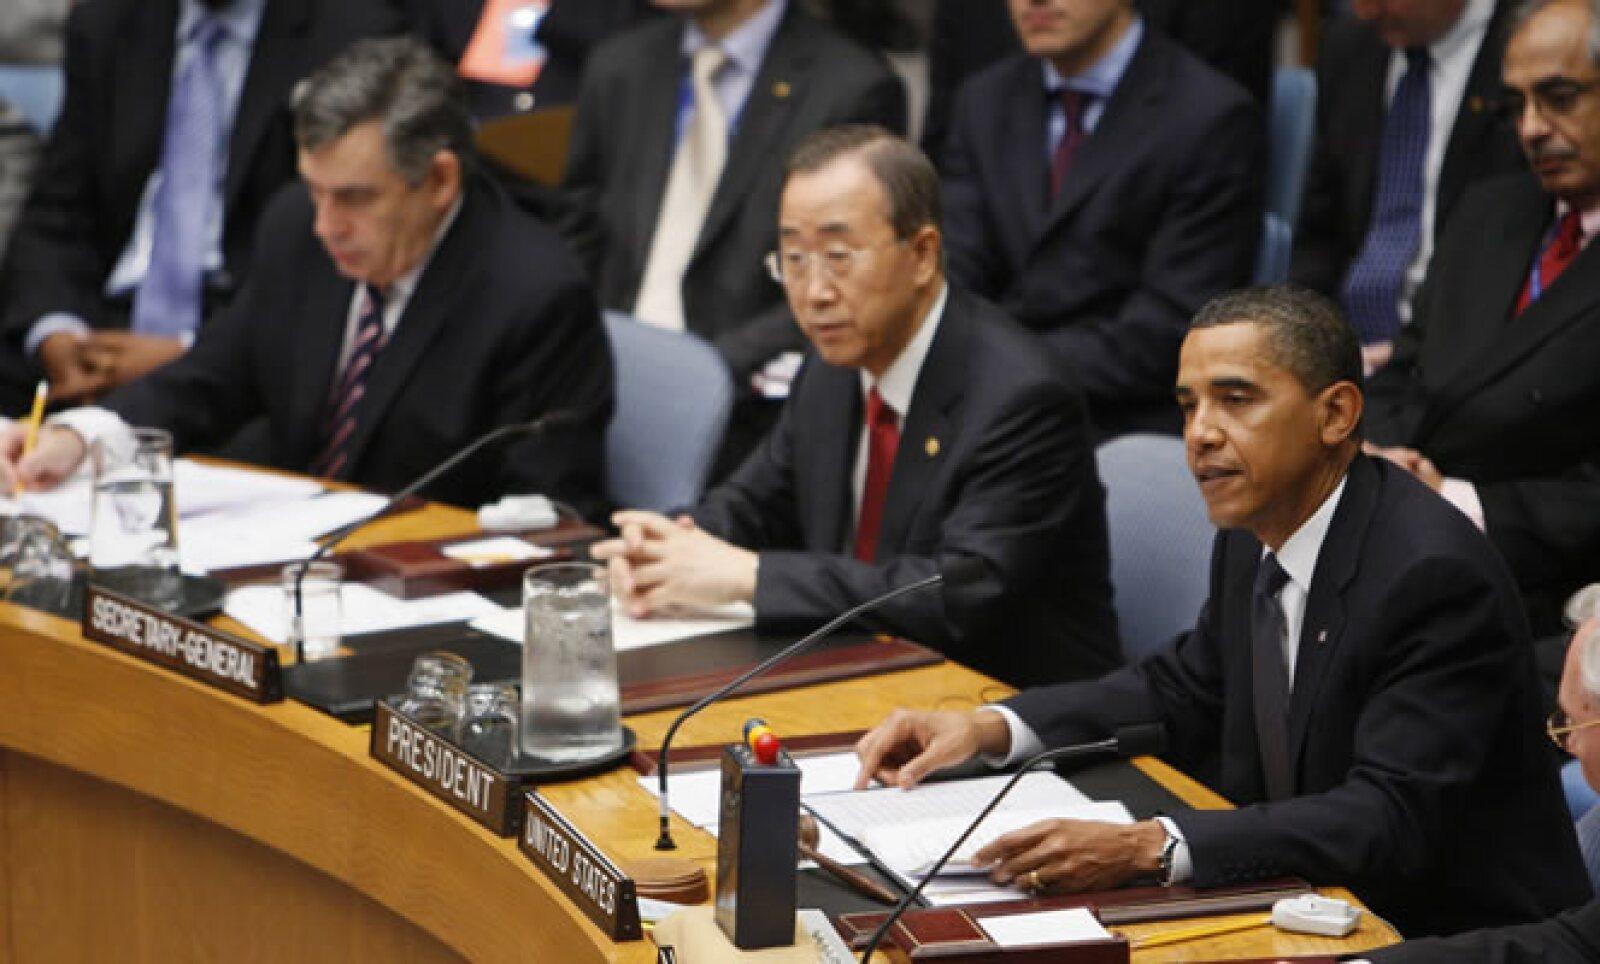 El Presidente de EU Barack Obama encabezó el jueves 24 una cumbre en ONU donde el Consejo de Seguridad aprobó pedir que se desechen los arsenales nucleares. Aquí, con el Secretario General Ban Ki-moon, y el Primer Ministro inglés Gordon Brown.